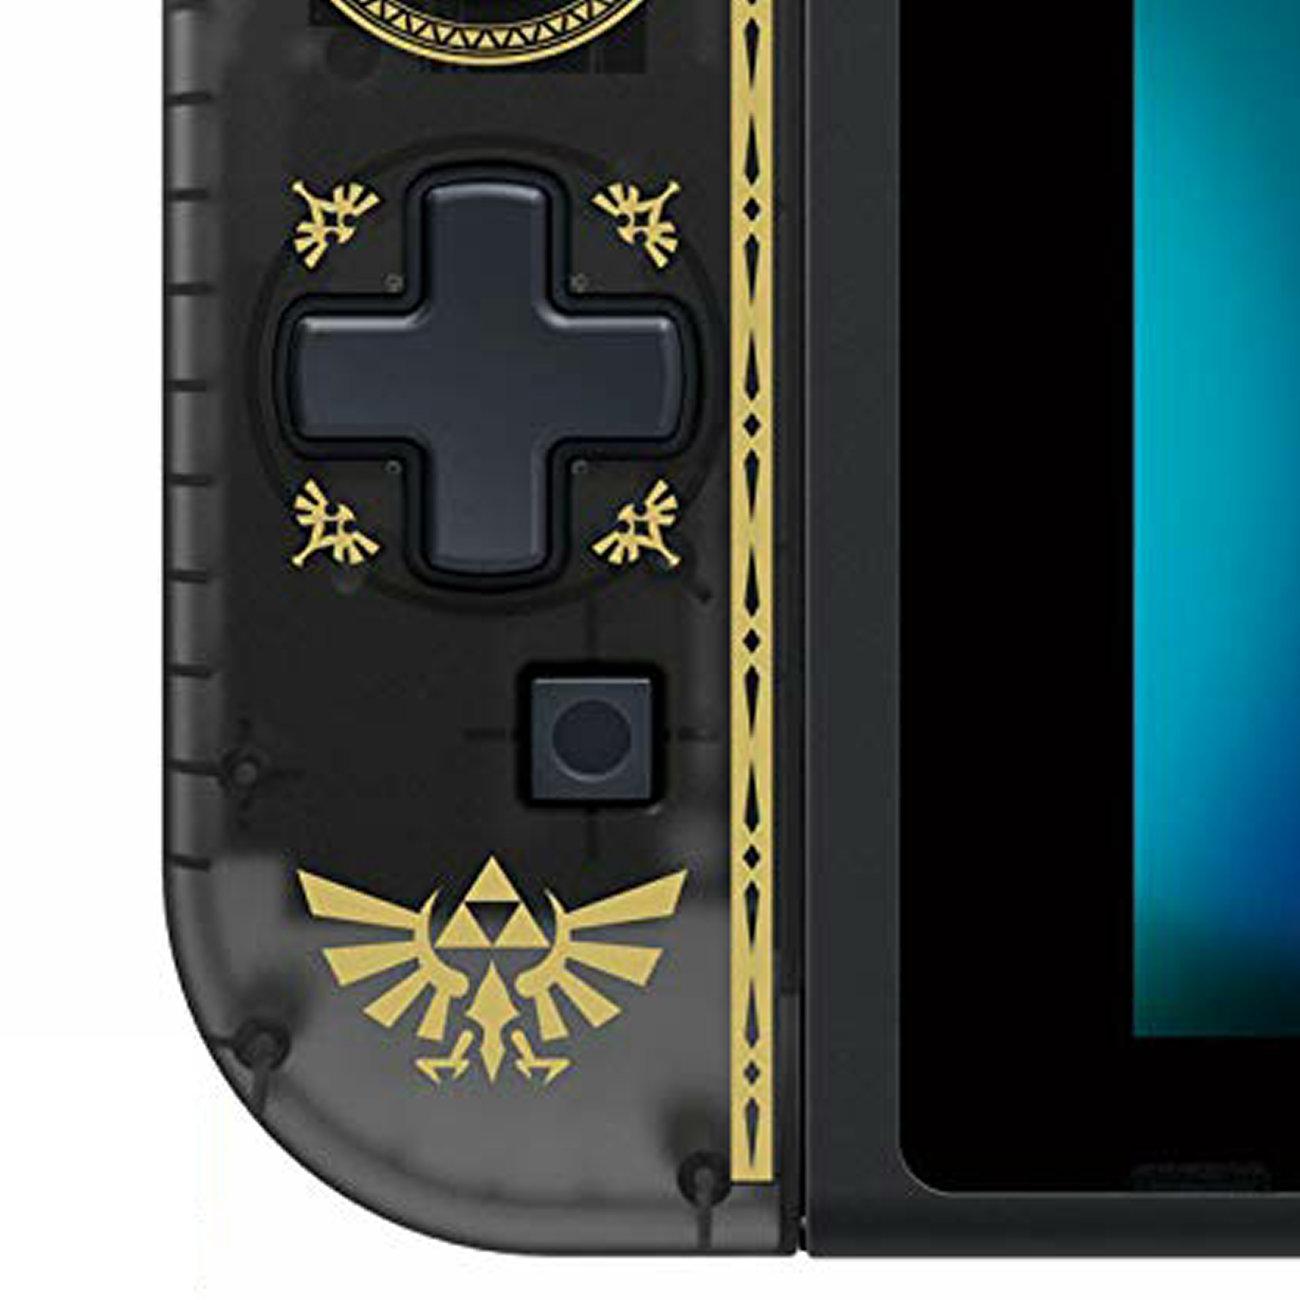 ゼルダの伝説デザインの十字キーコントローラー。マリオやピカチュウ